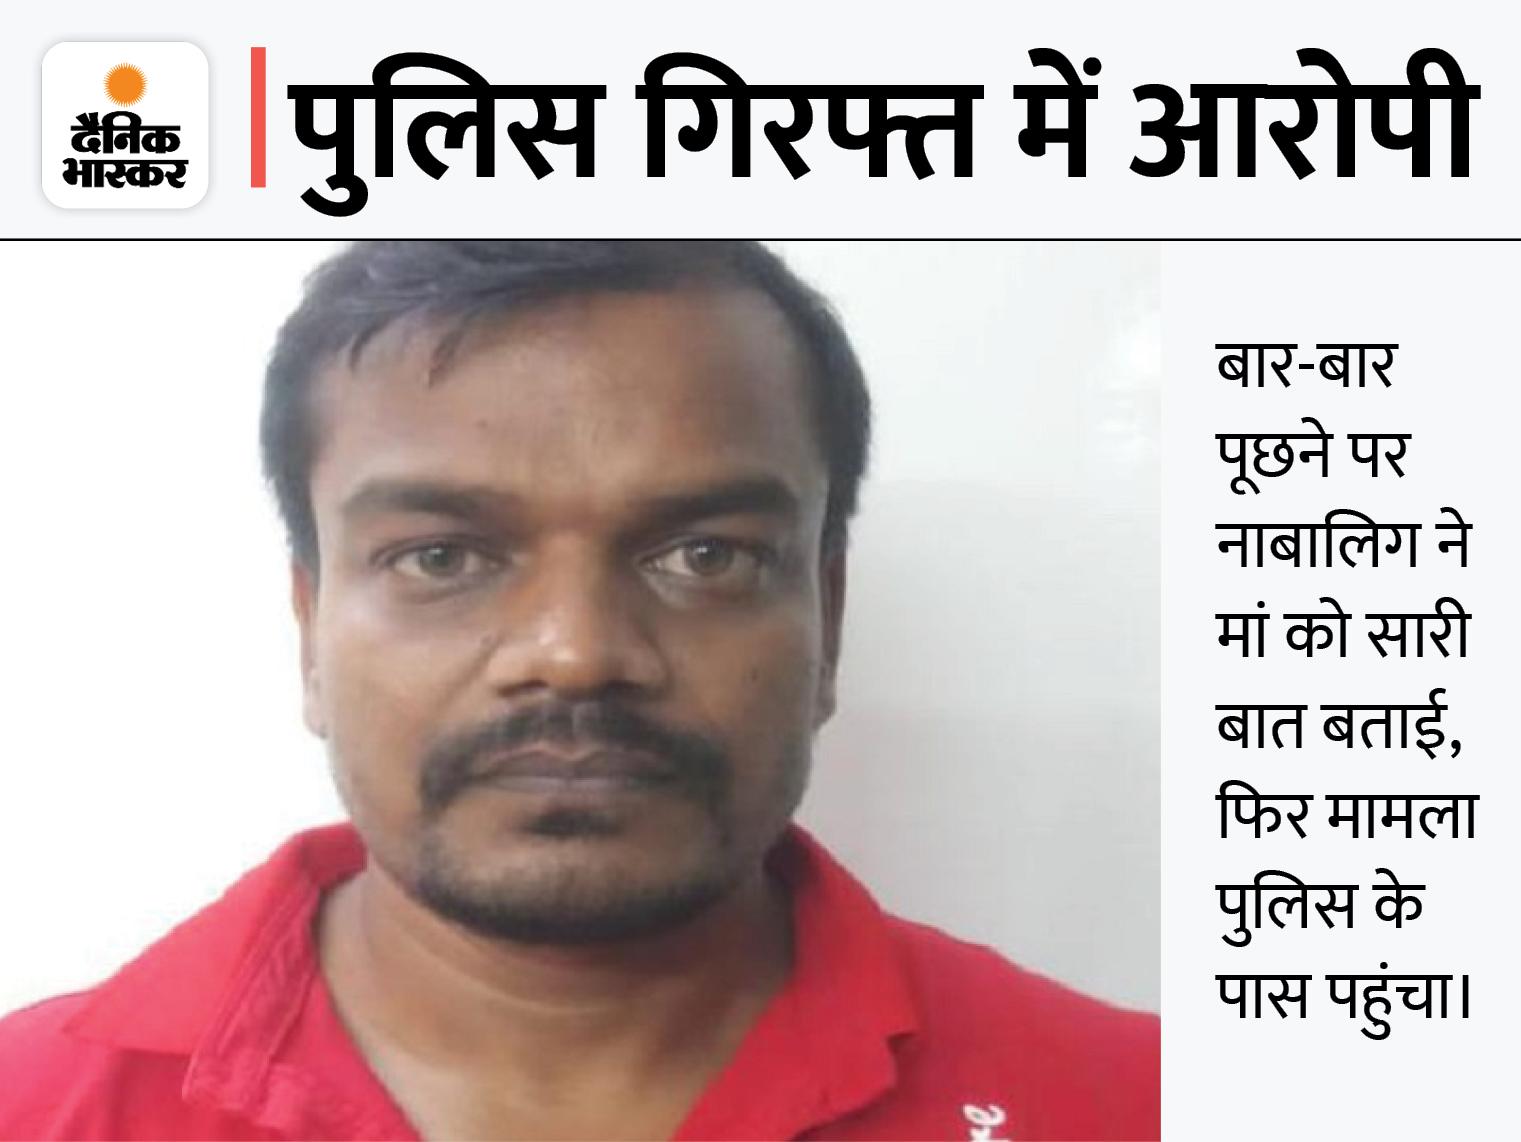 परिचित की नाबालिग बेटी से कार में करता थादुष्कर्म, देता रहा धमकी; आरोपी गिरफ्तार|रायपुर,Raipur - Dainik Bhaskar